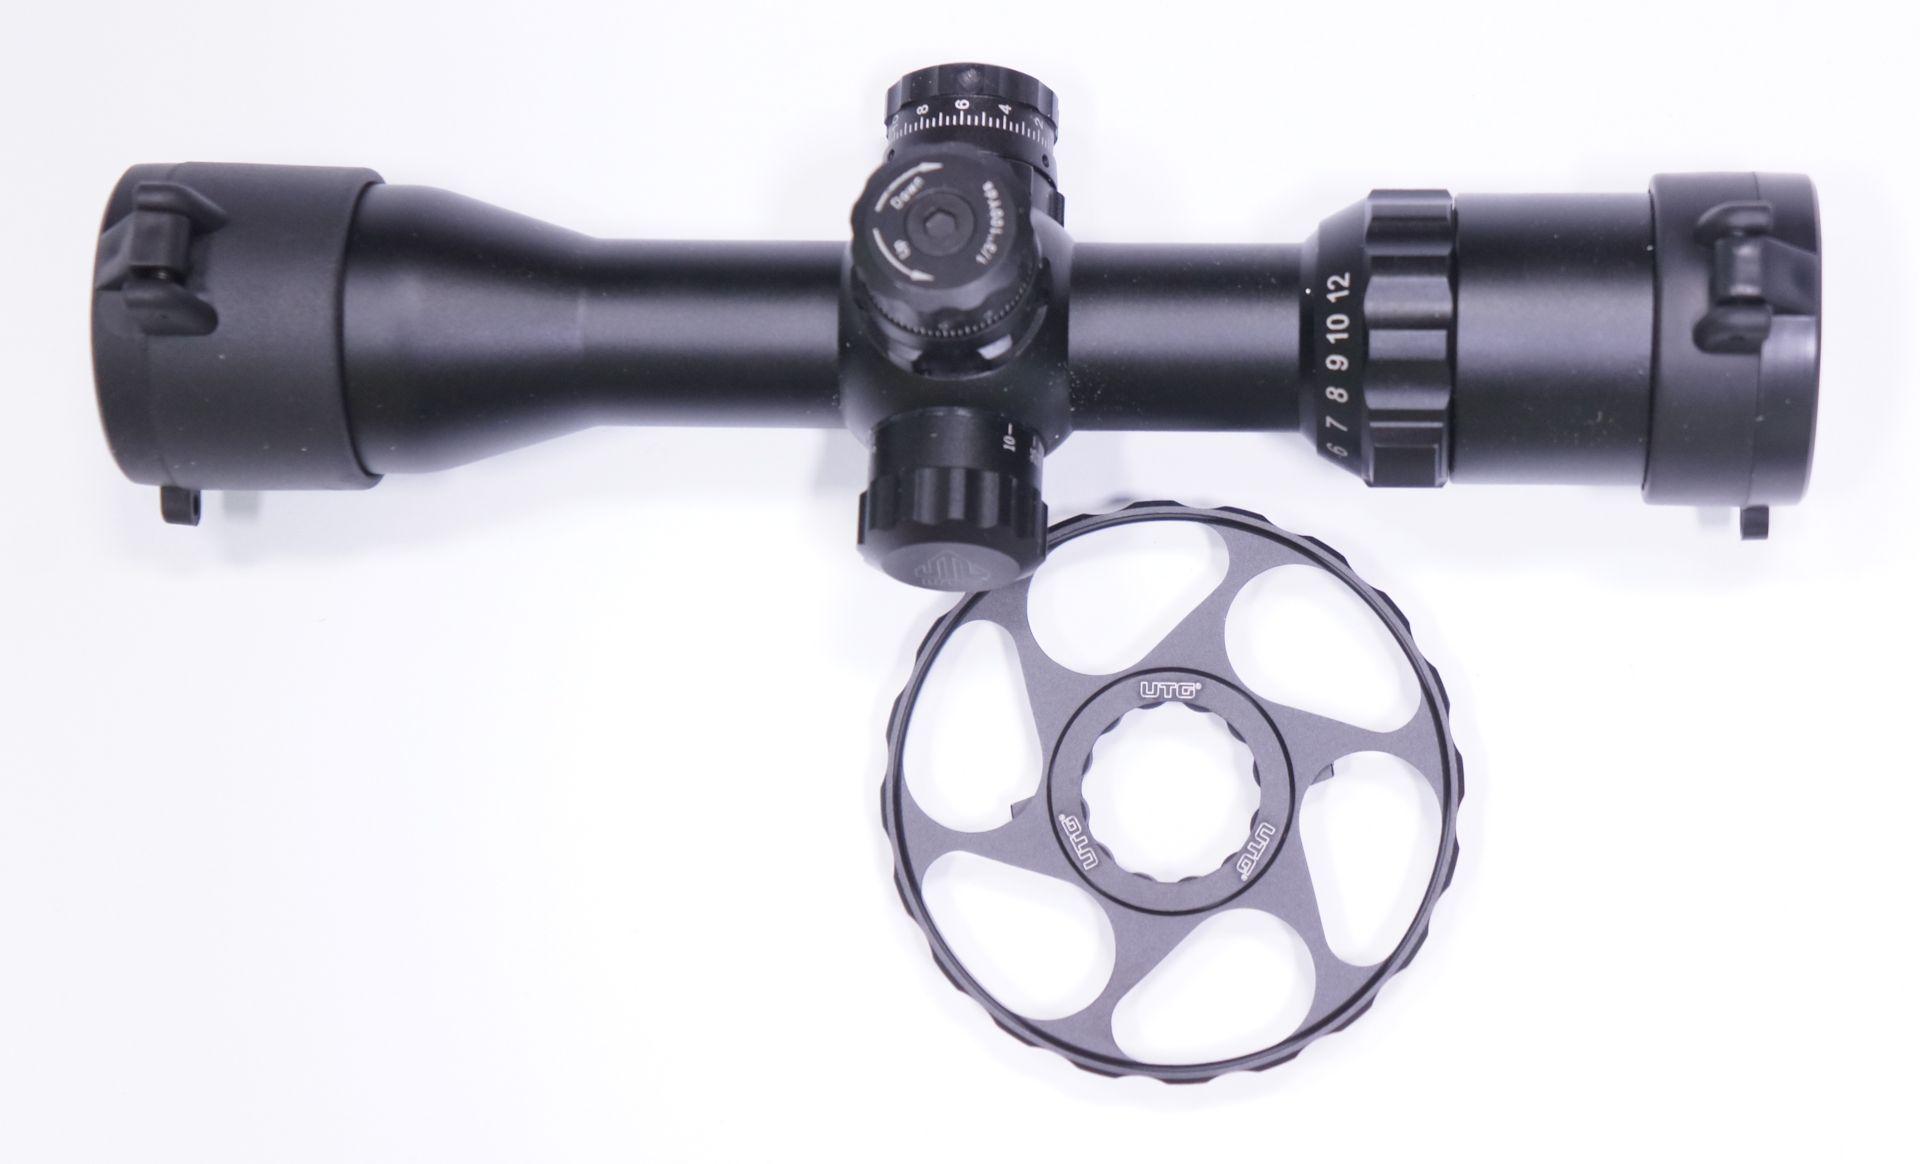 UTG Stellrad für Zielfernrohr. Der Innendurchmesser beträgt ca. 25mm. Innen sitzt ein breiter Gummiring, welcher an die Riffelung vom Stellknopf der UTG- Gläser angepasst ist.